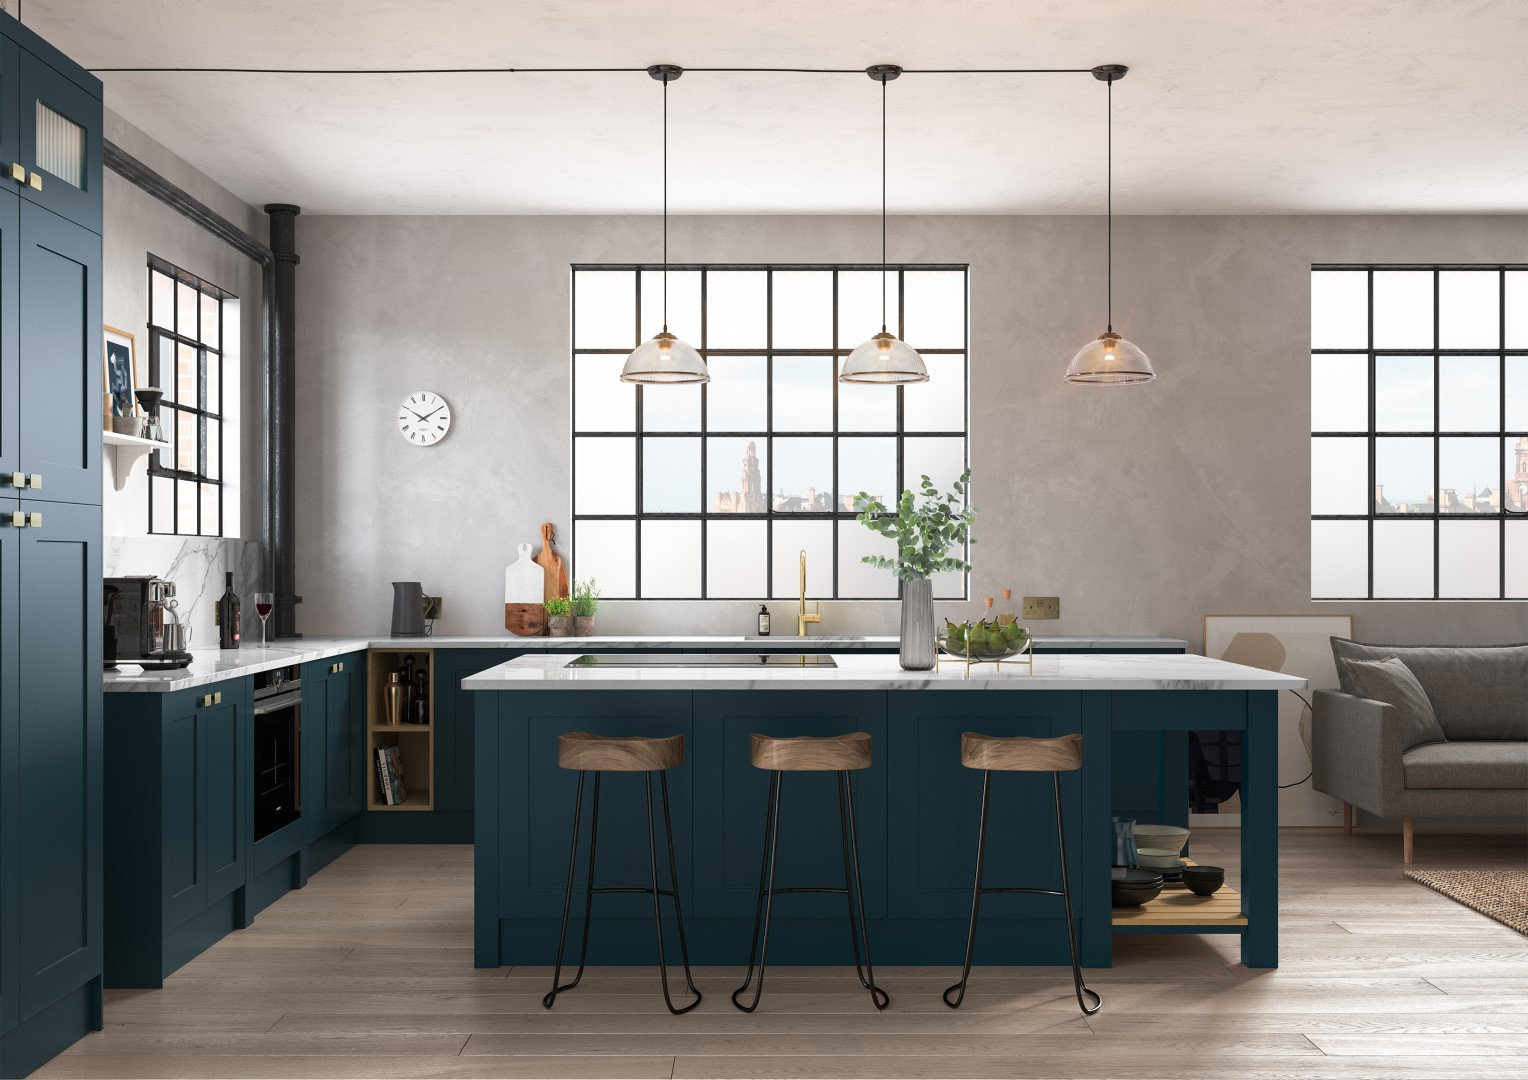 Georgia Marine - Kitchen Design - Alan Kelly Kitchens - Waterford - 5